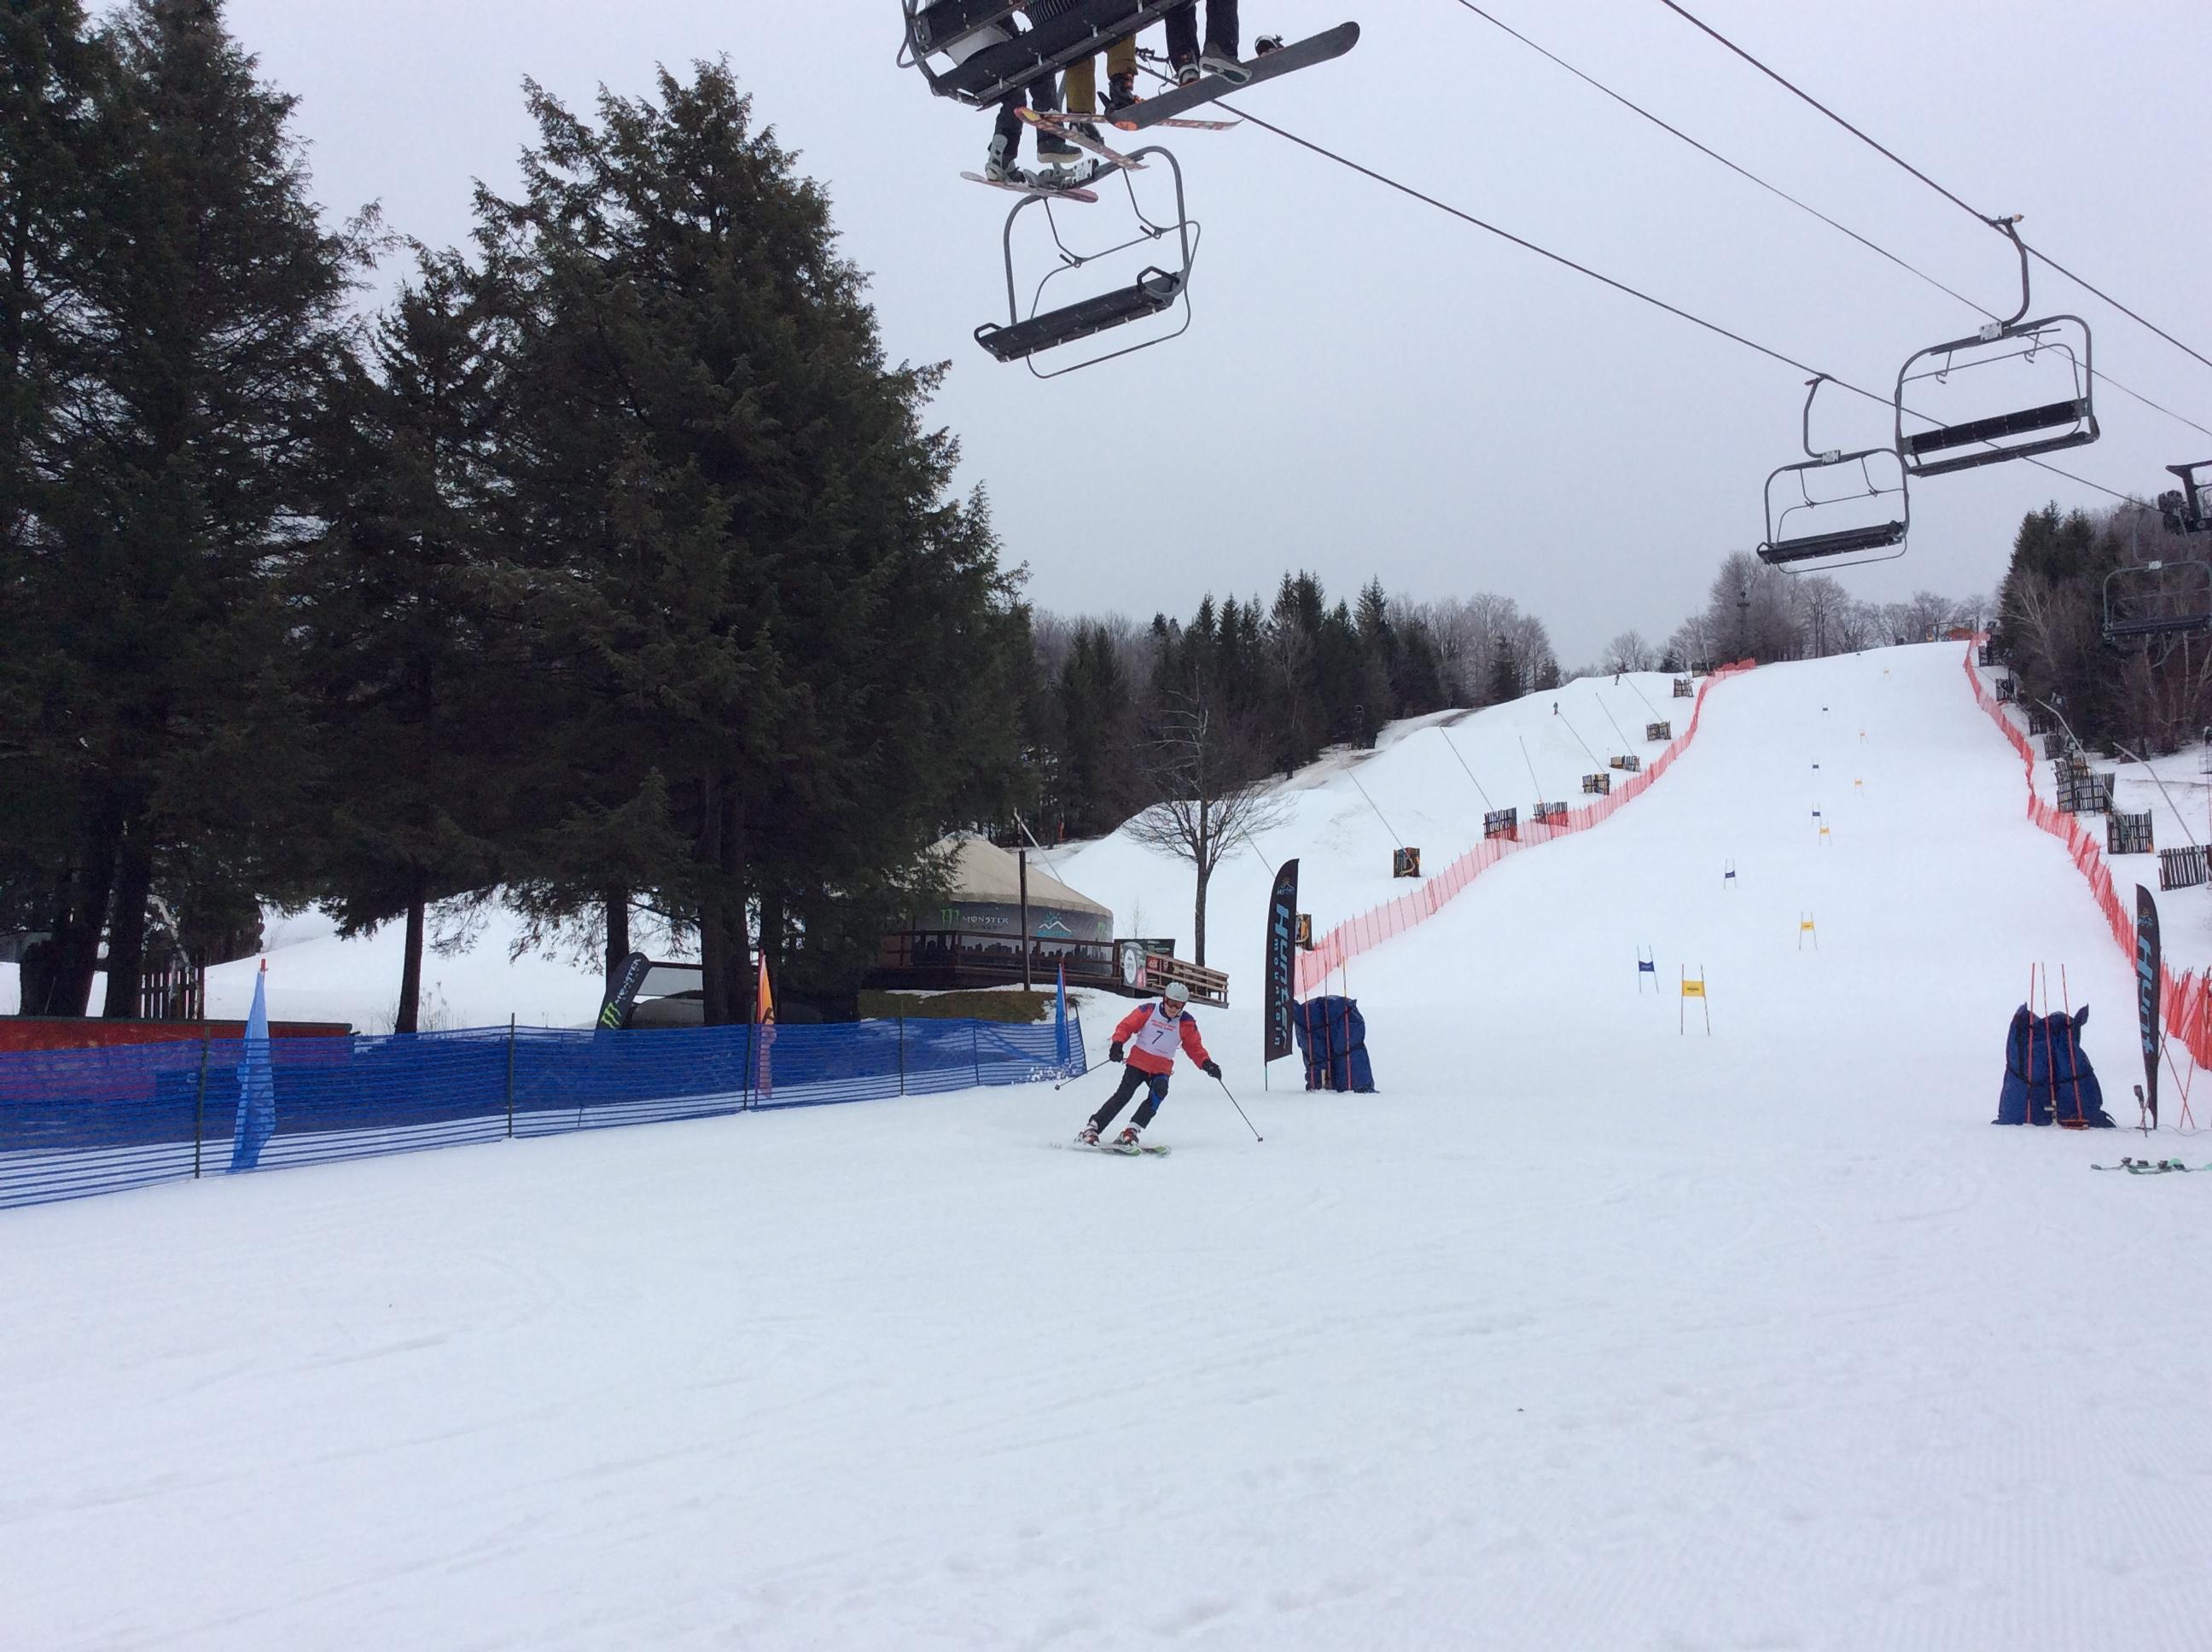 nypd-ski-club_31585139503_o